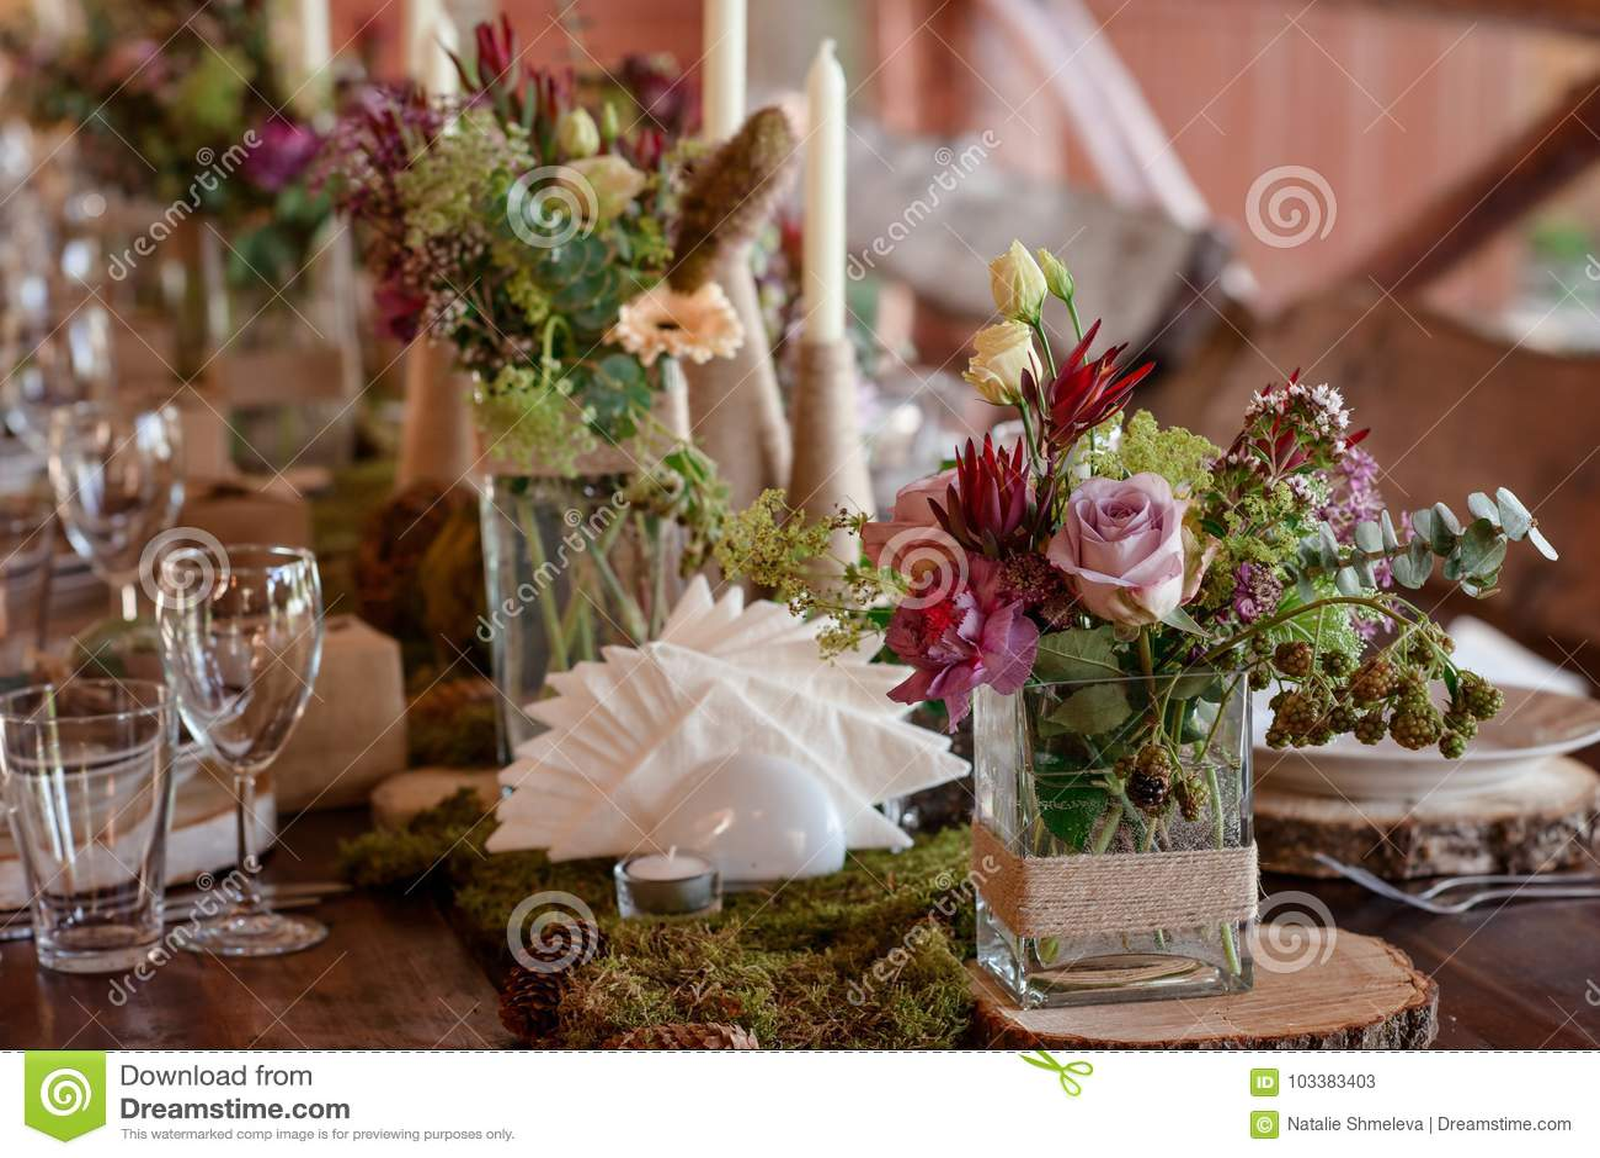 Wedding Table Decor Stock Image Image Of Style Celebrate 103383403